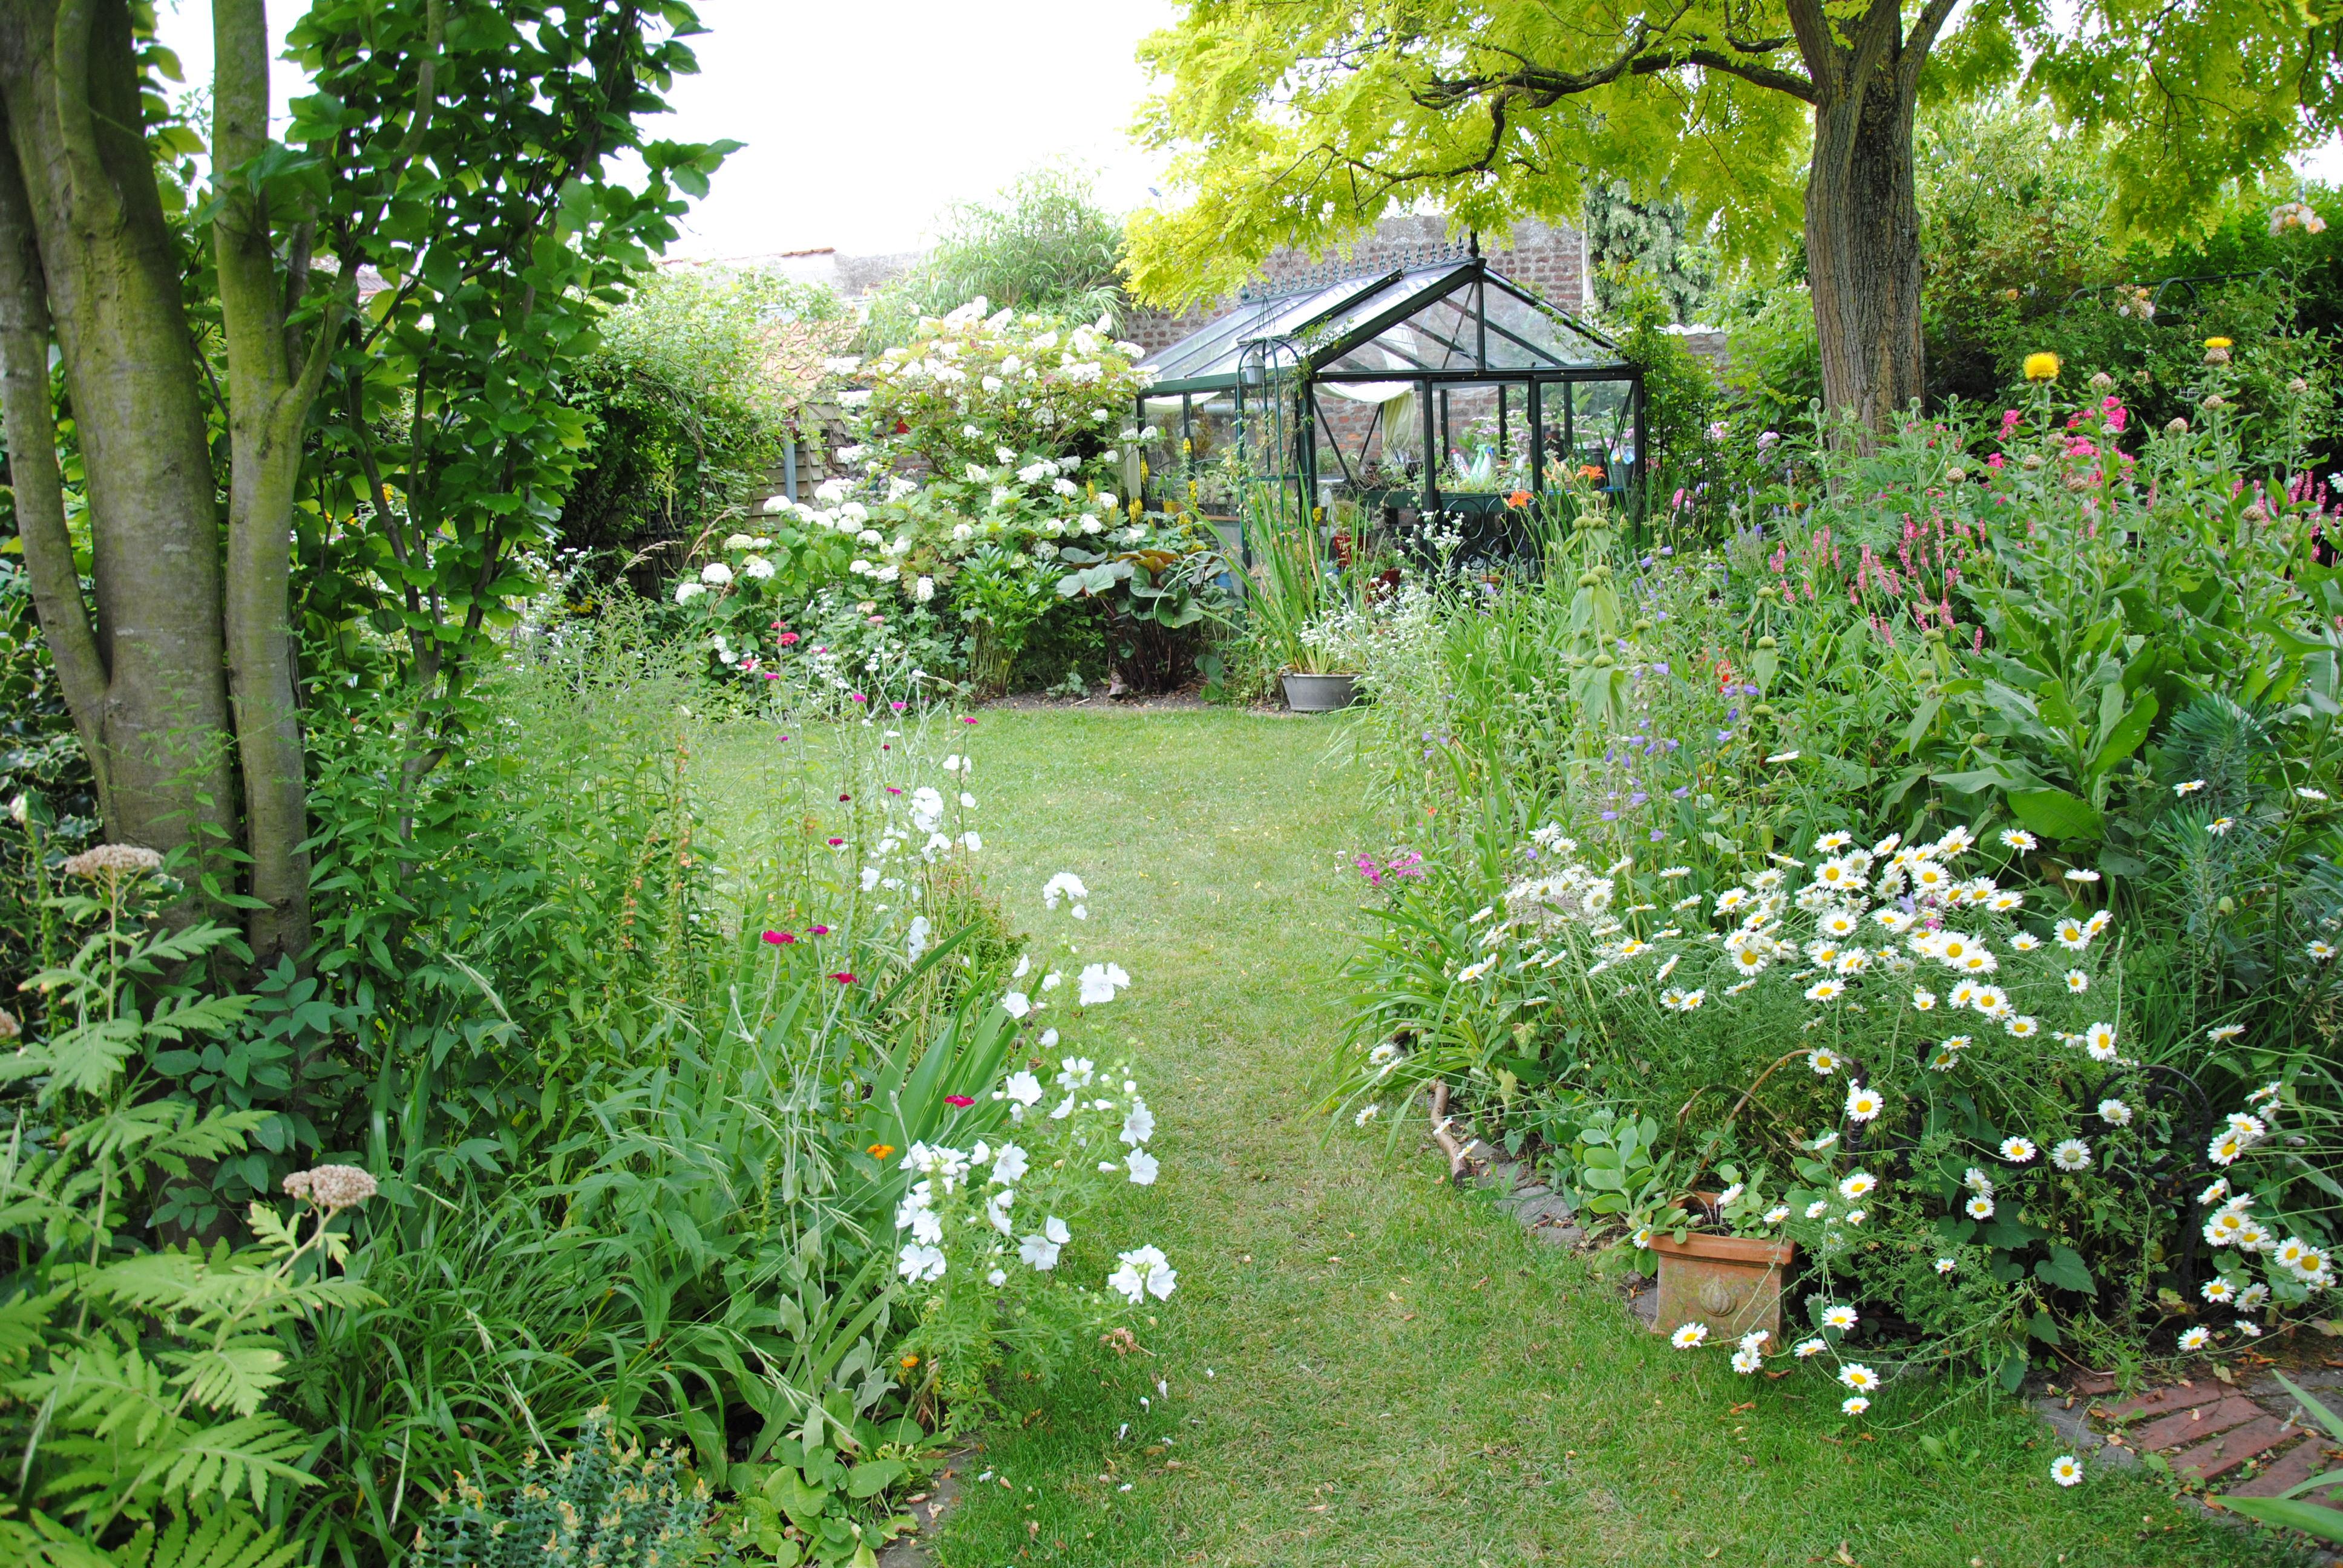 la-petite-serre-accueille-tous-les-semis-dannuelles-au-printemps-c-a-guillaumin